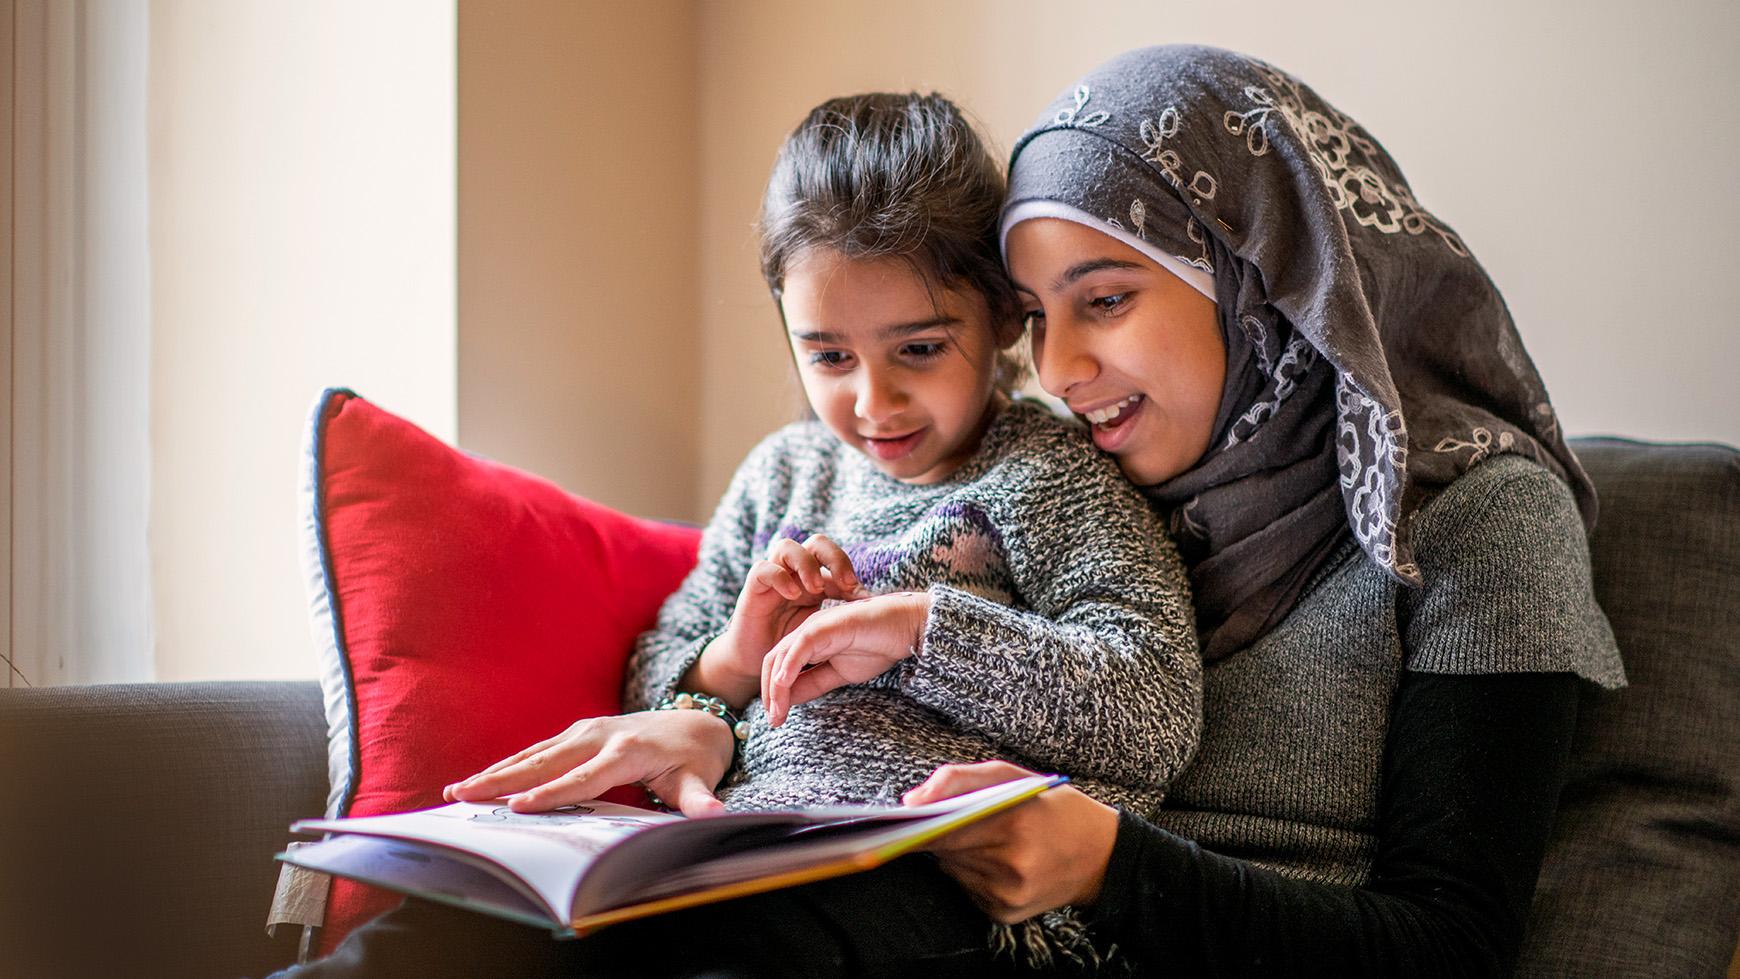 Phụ huynh là người giúp đỡ trực tiếp con trẻ trong quá trình học tiếng Anh qua truyện song ngữ